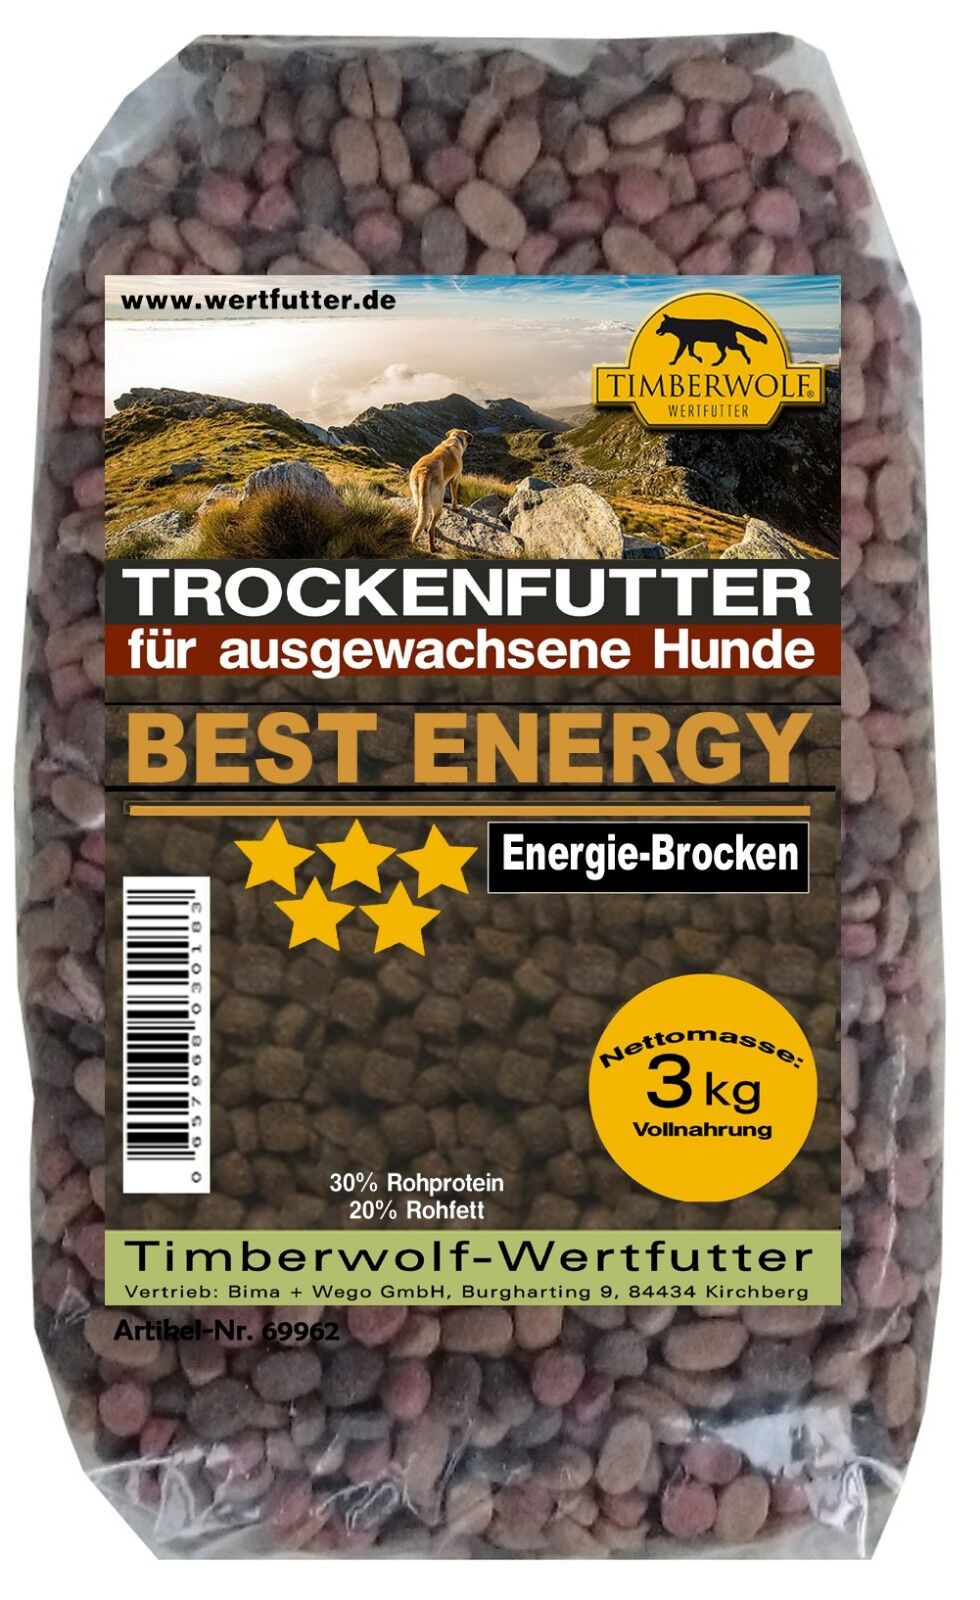 Timberwolf Hundefutter Best Energy, Trockenfutter, Energie-Brocken 3kg   69962